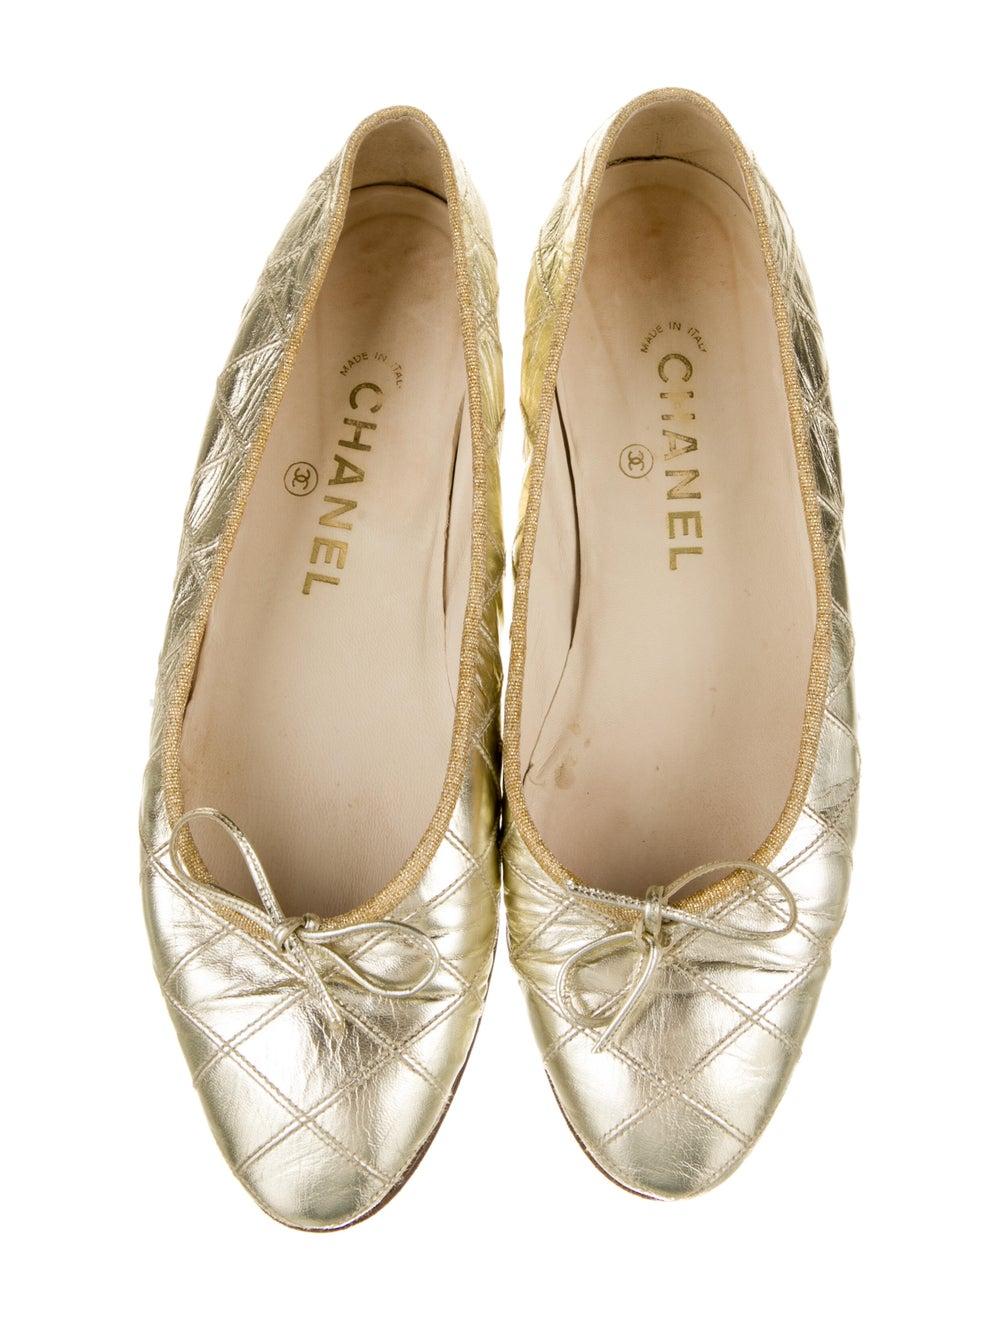 Chanel Vintage 1990's Ballet Flats Gold - image 3